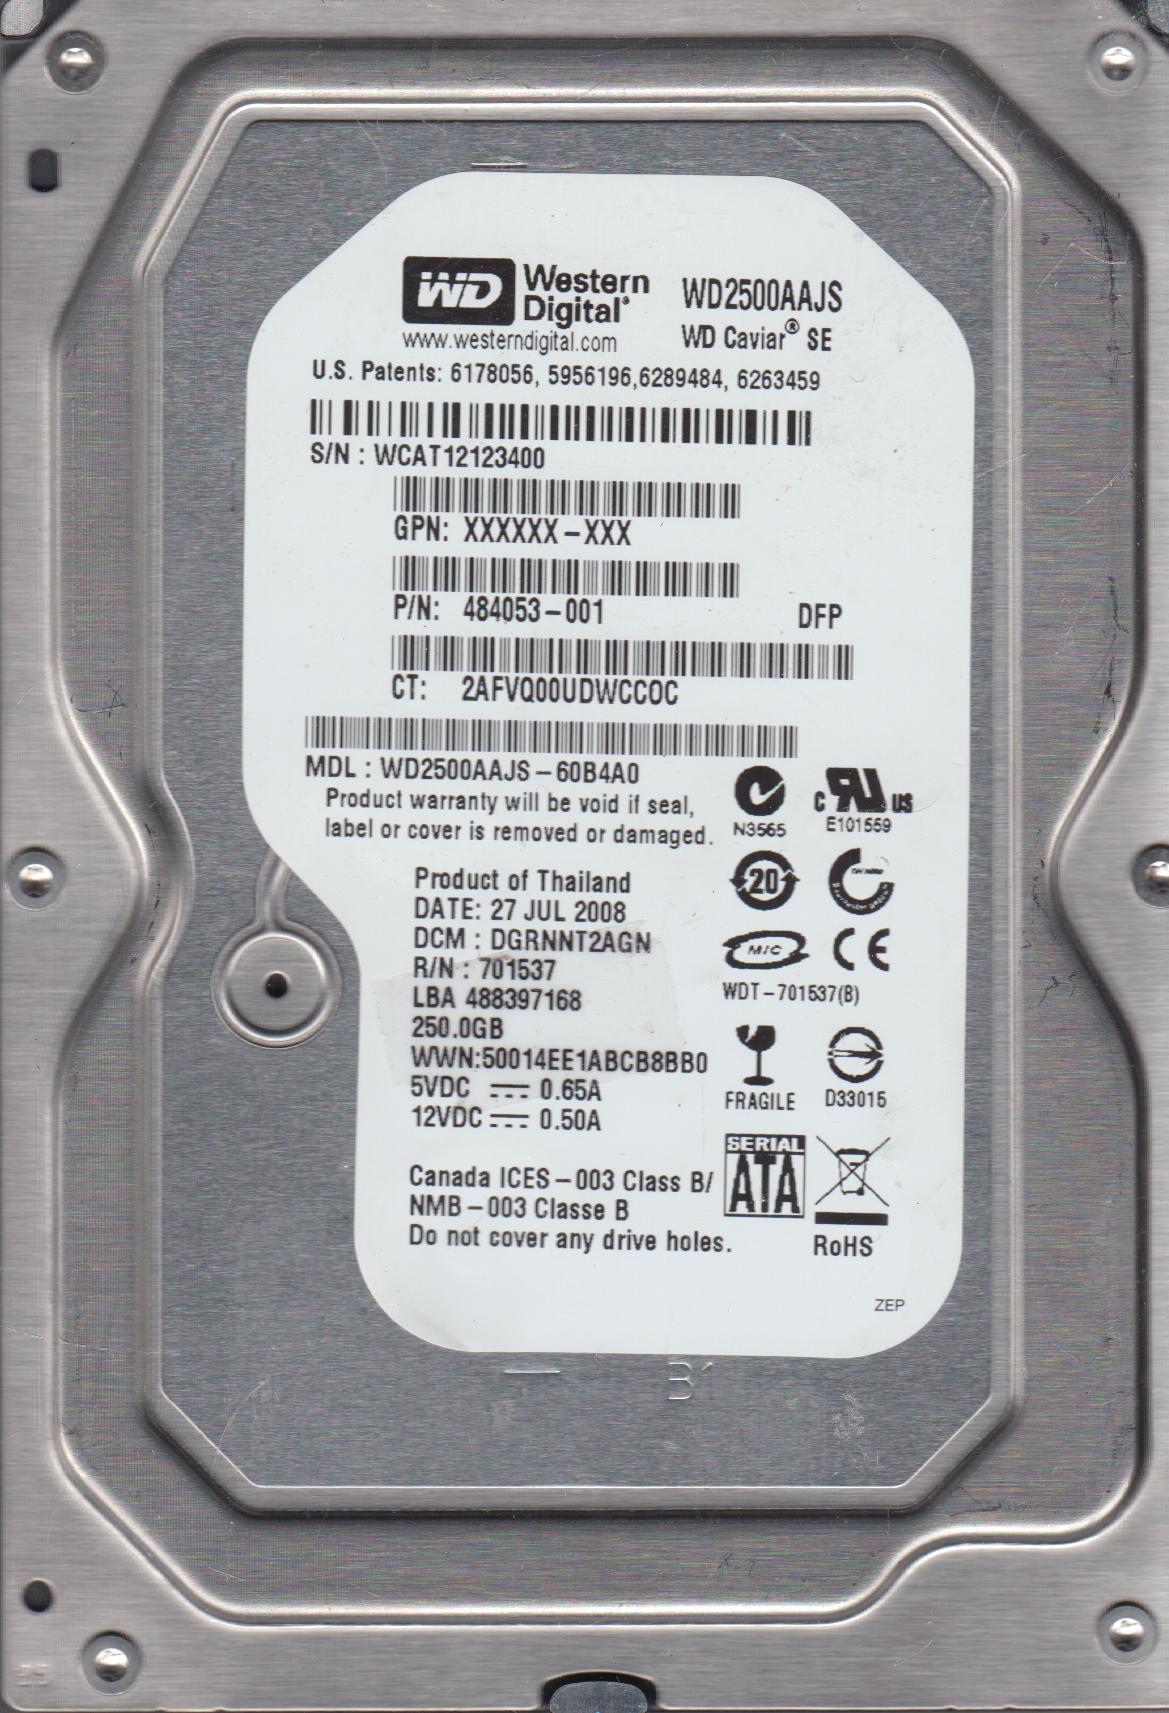 WD2500AAJS-60B4A0, DCM DGRNNT2AGN, Western Digital 250GB SATA 3.5 Hard Drive by Western Digital